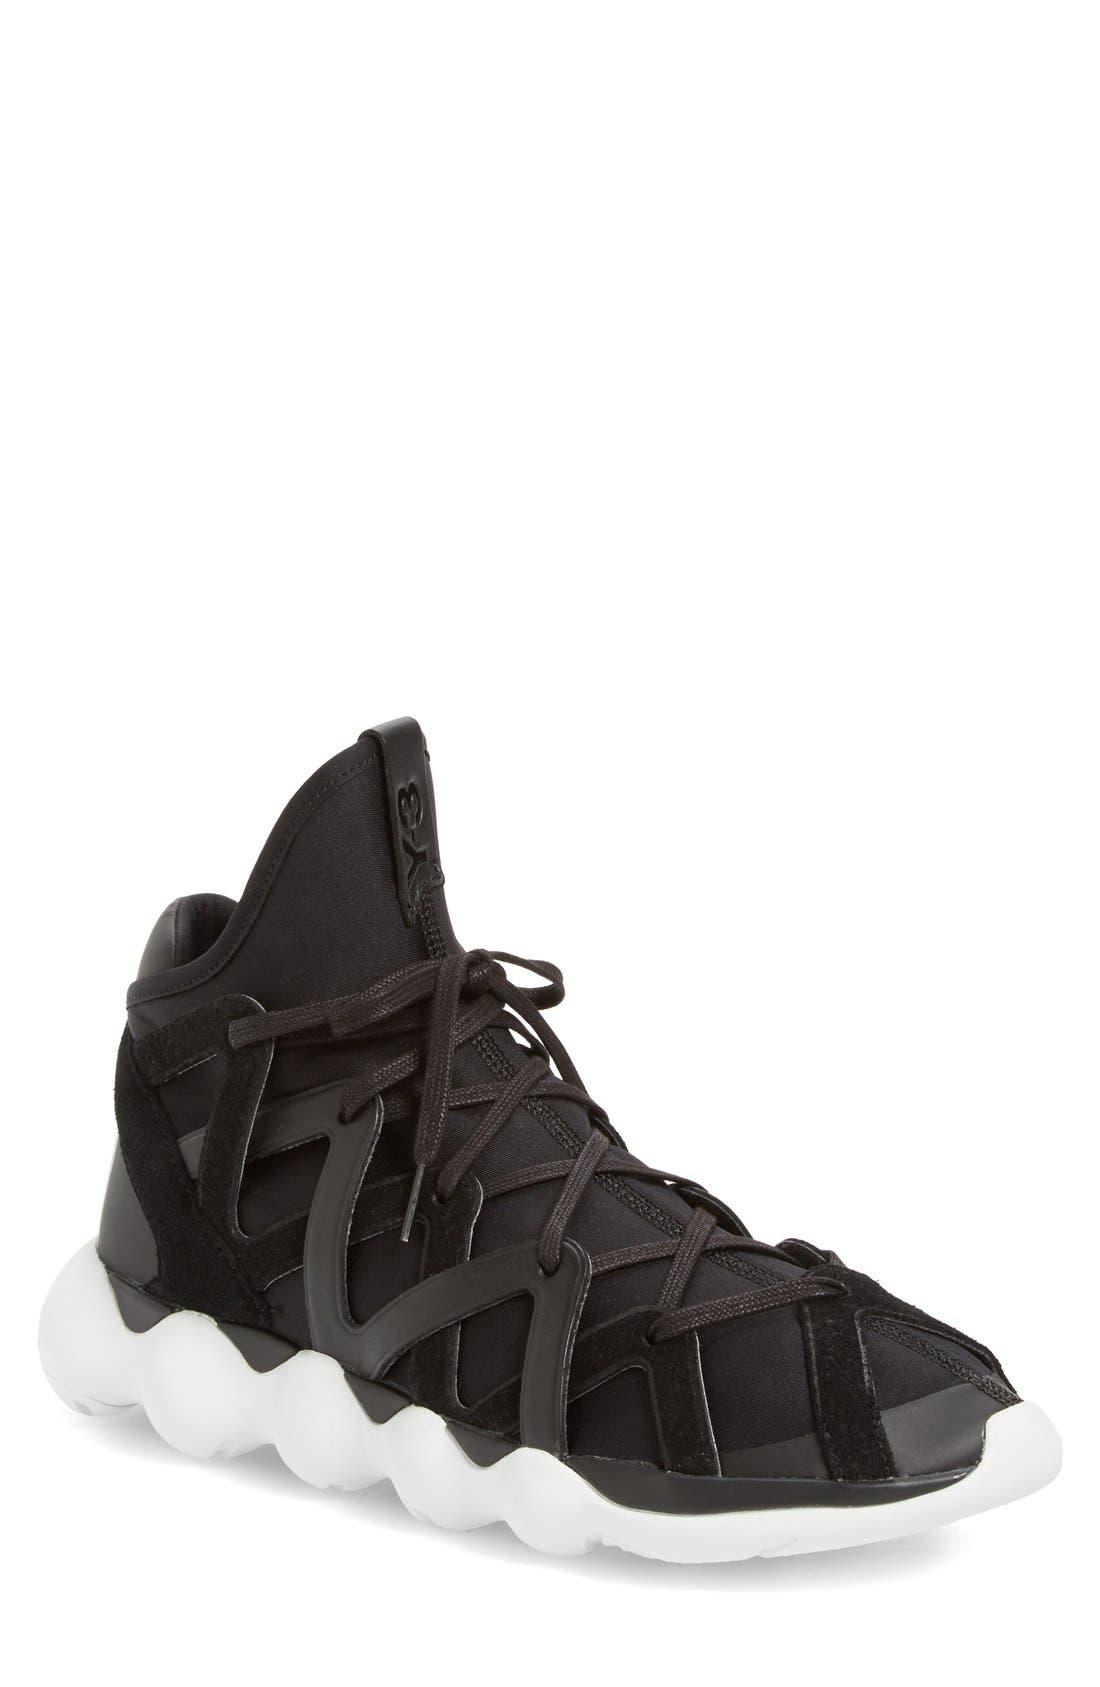 Y-3 'Kyujo High' Sneaker